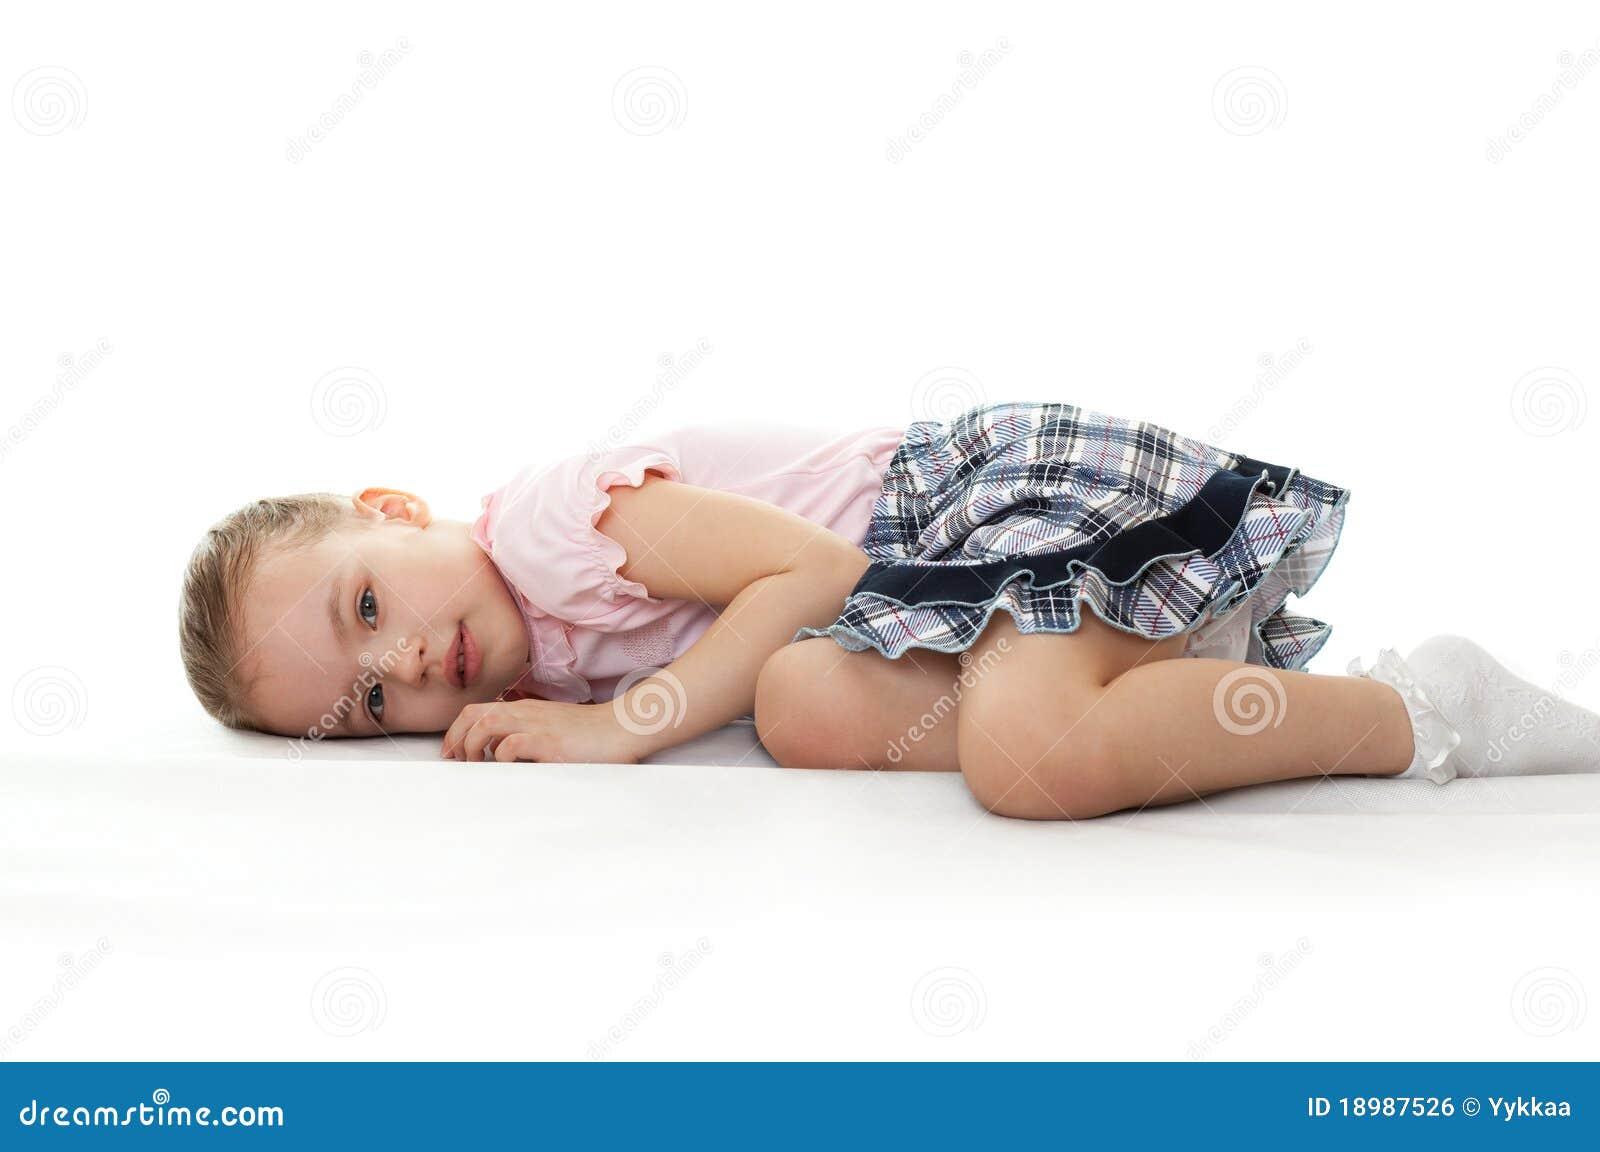 Трахаеца маленькая девочка 6 фотография